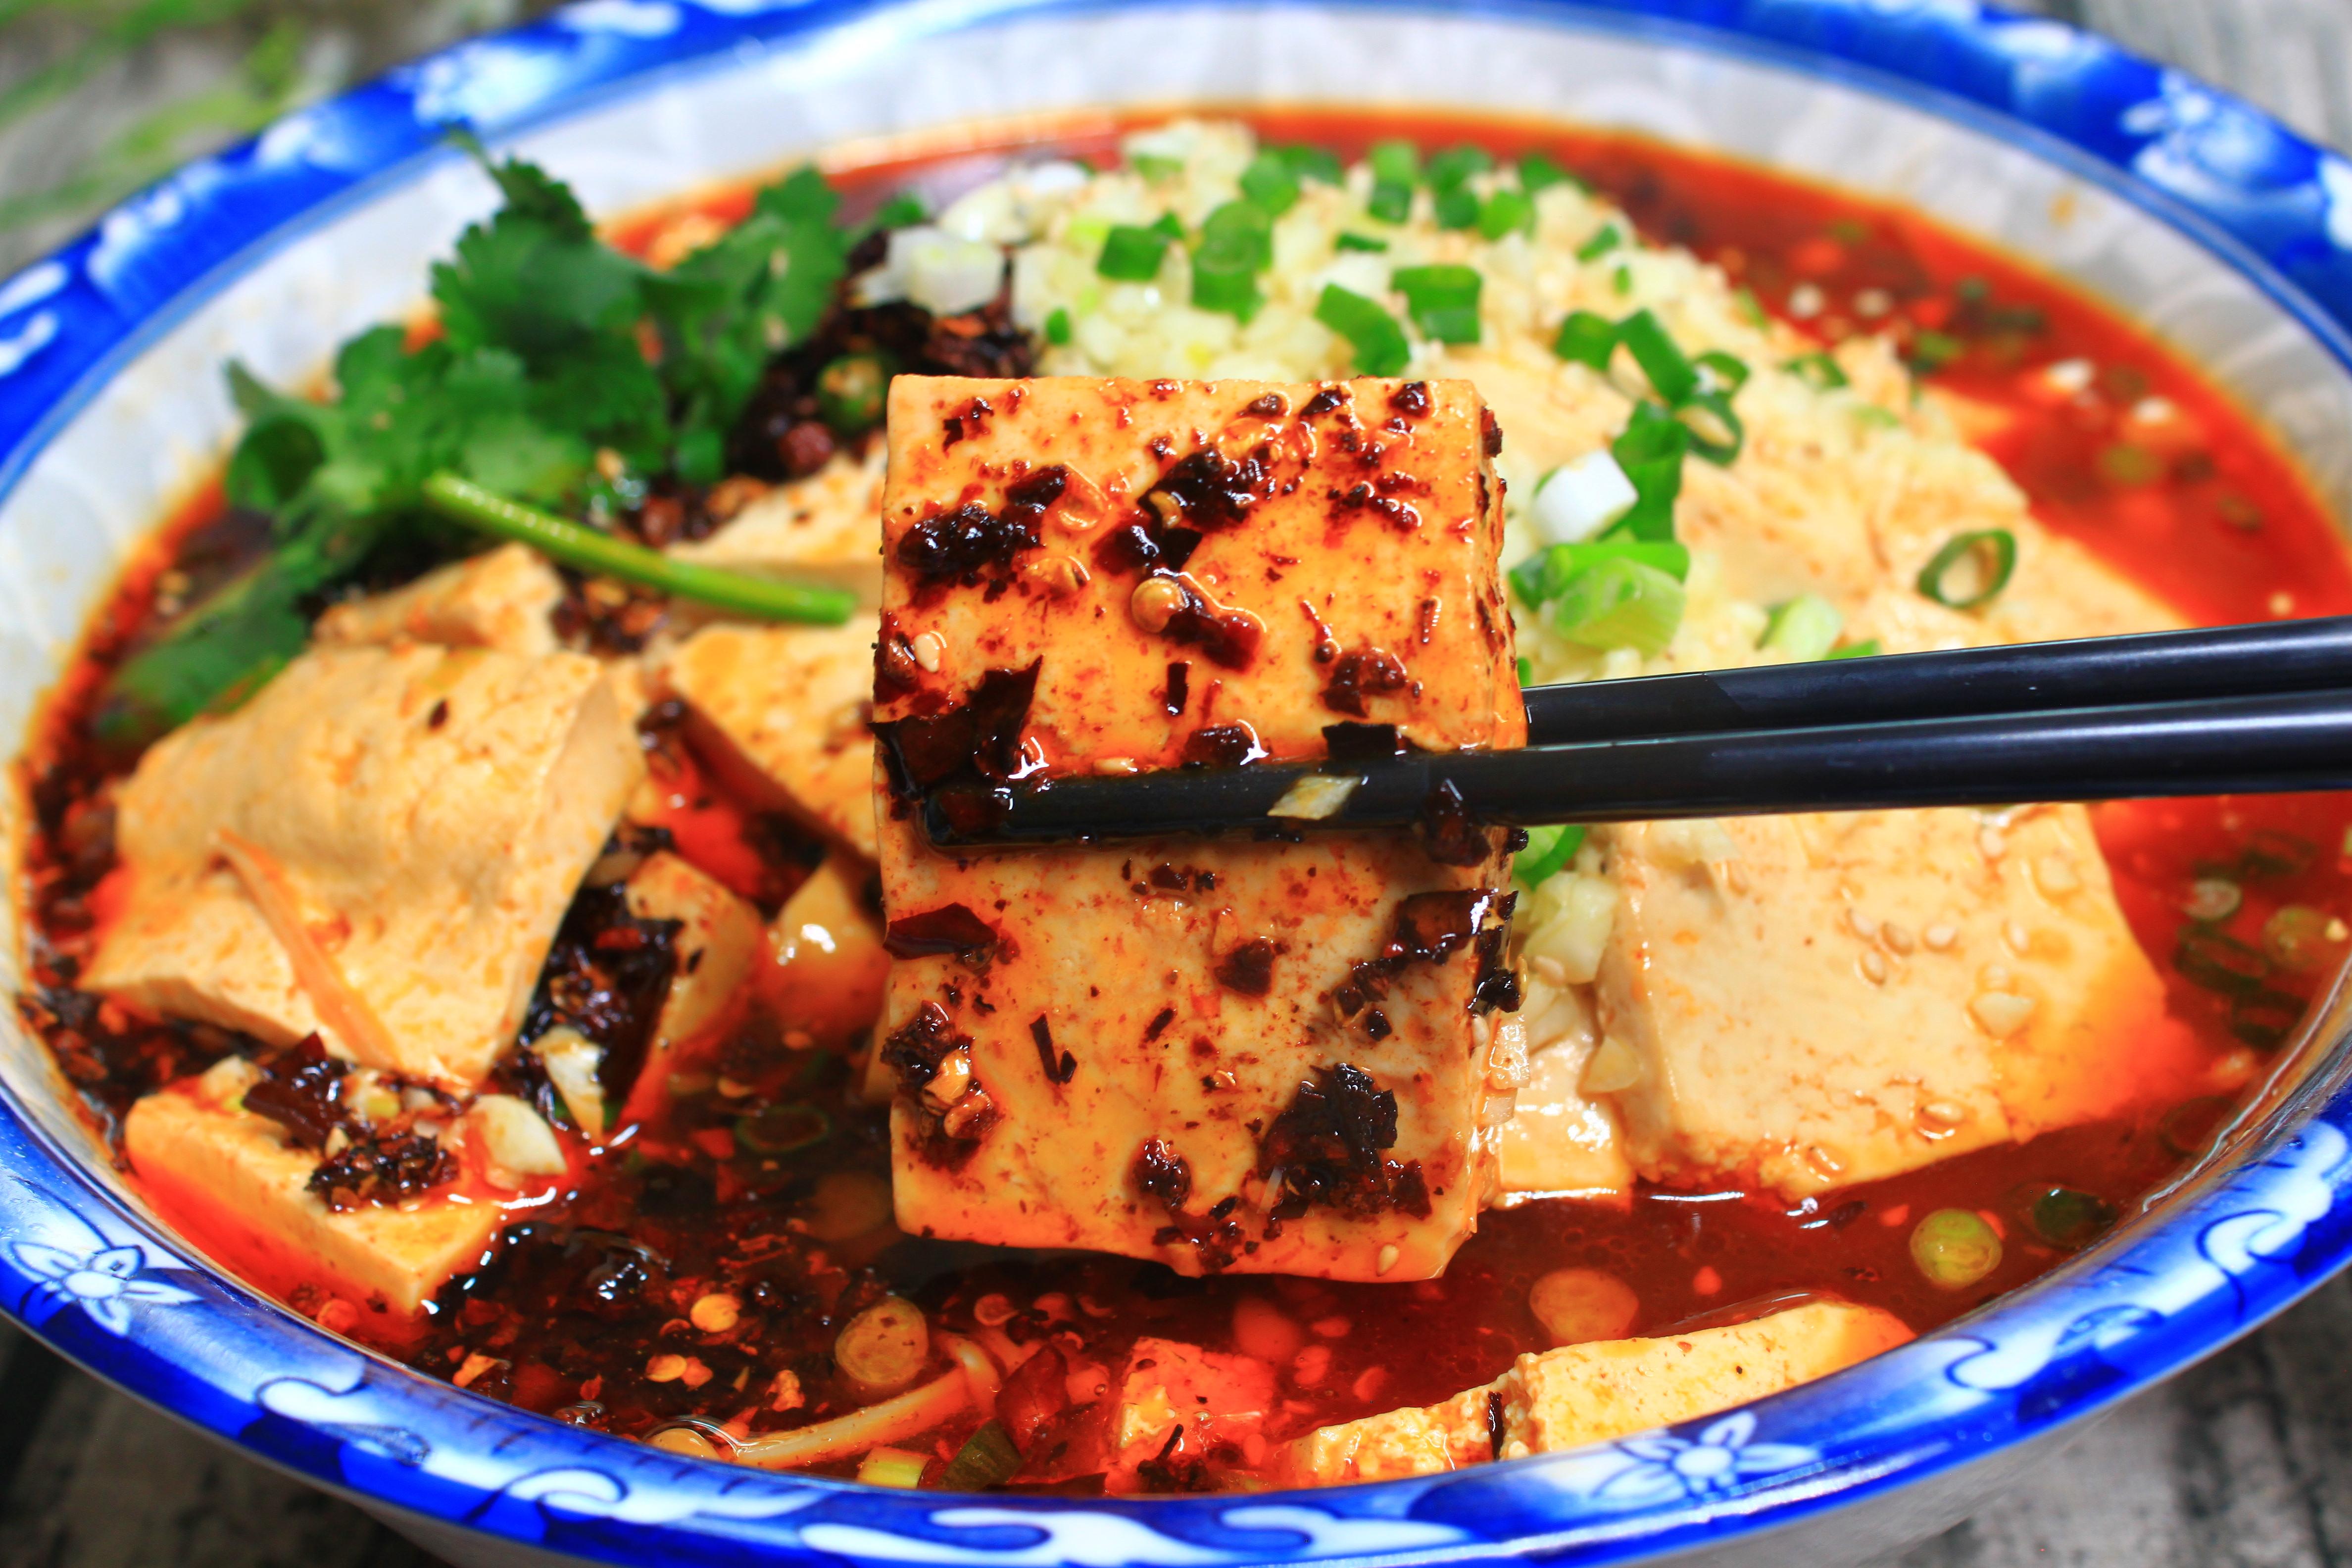 学会豆腐这个做法,大鱼大肉靠边站,香辣解馋,下饭超过瘾,真香 美食做法 第2张